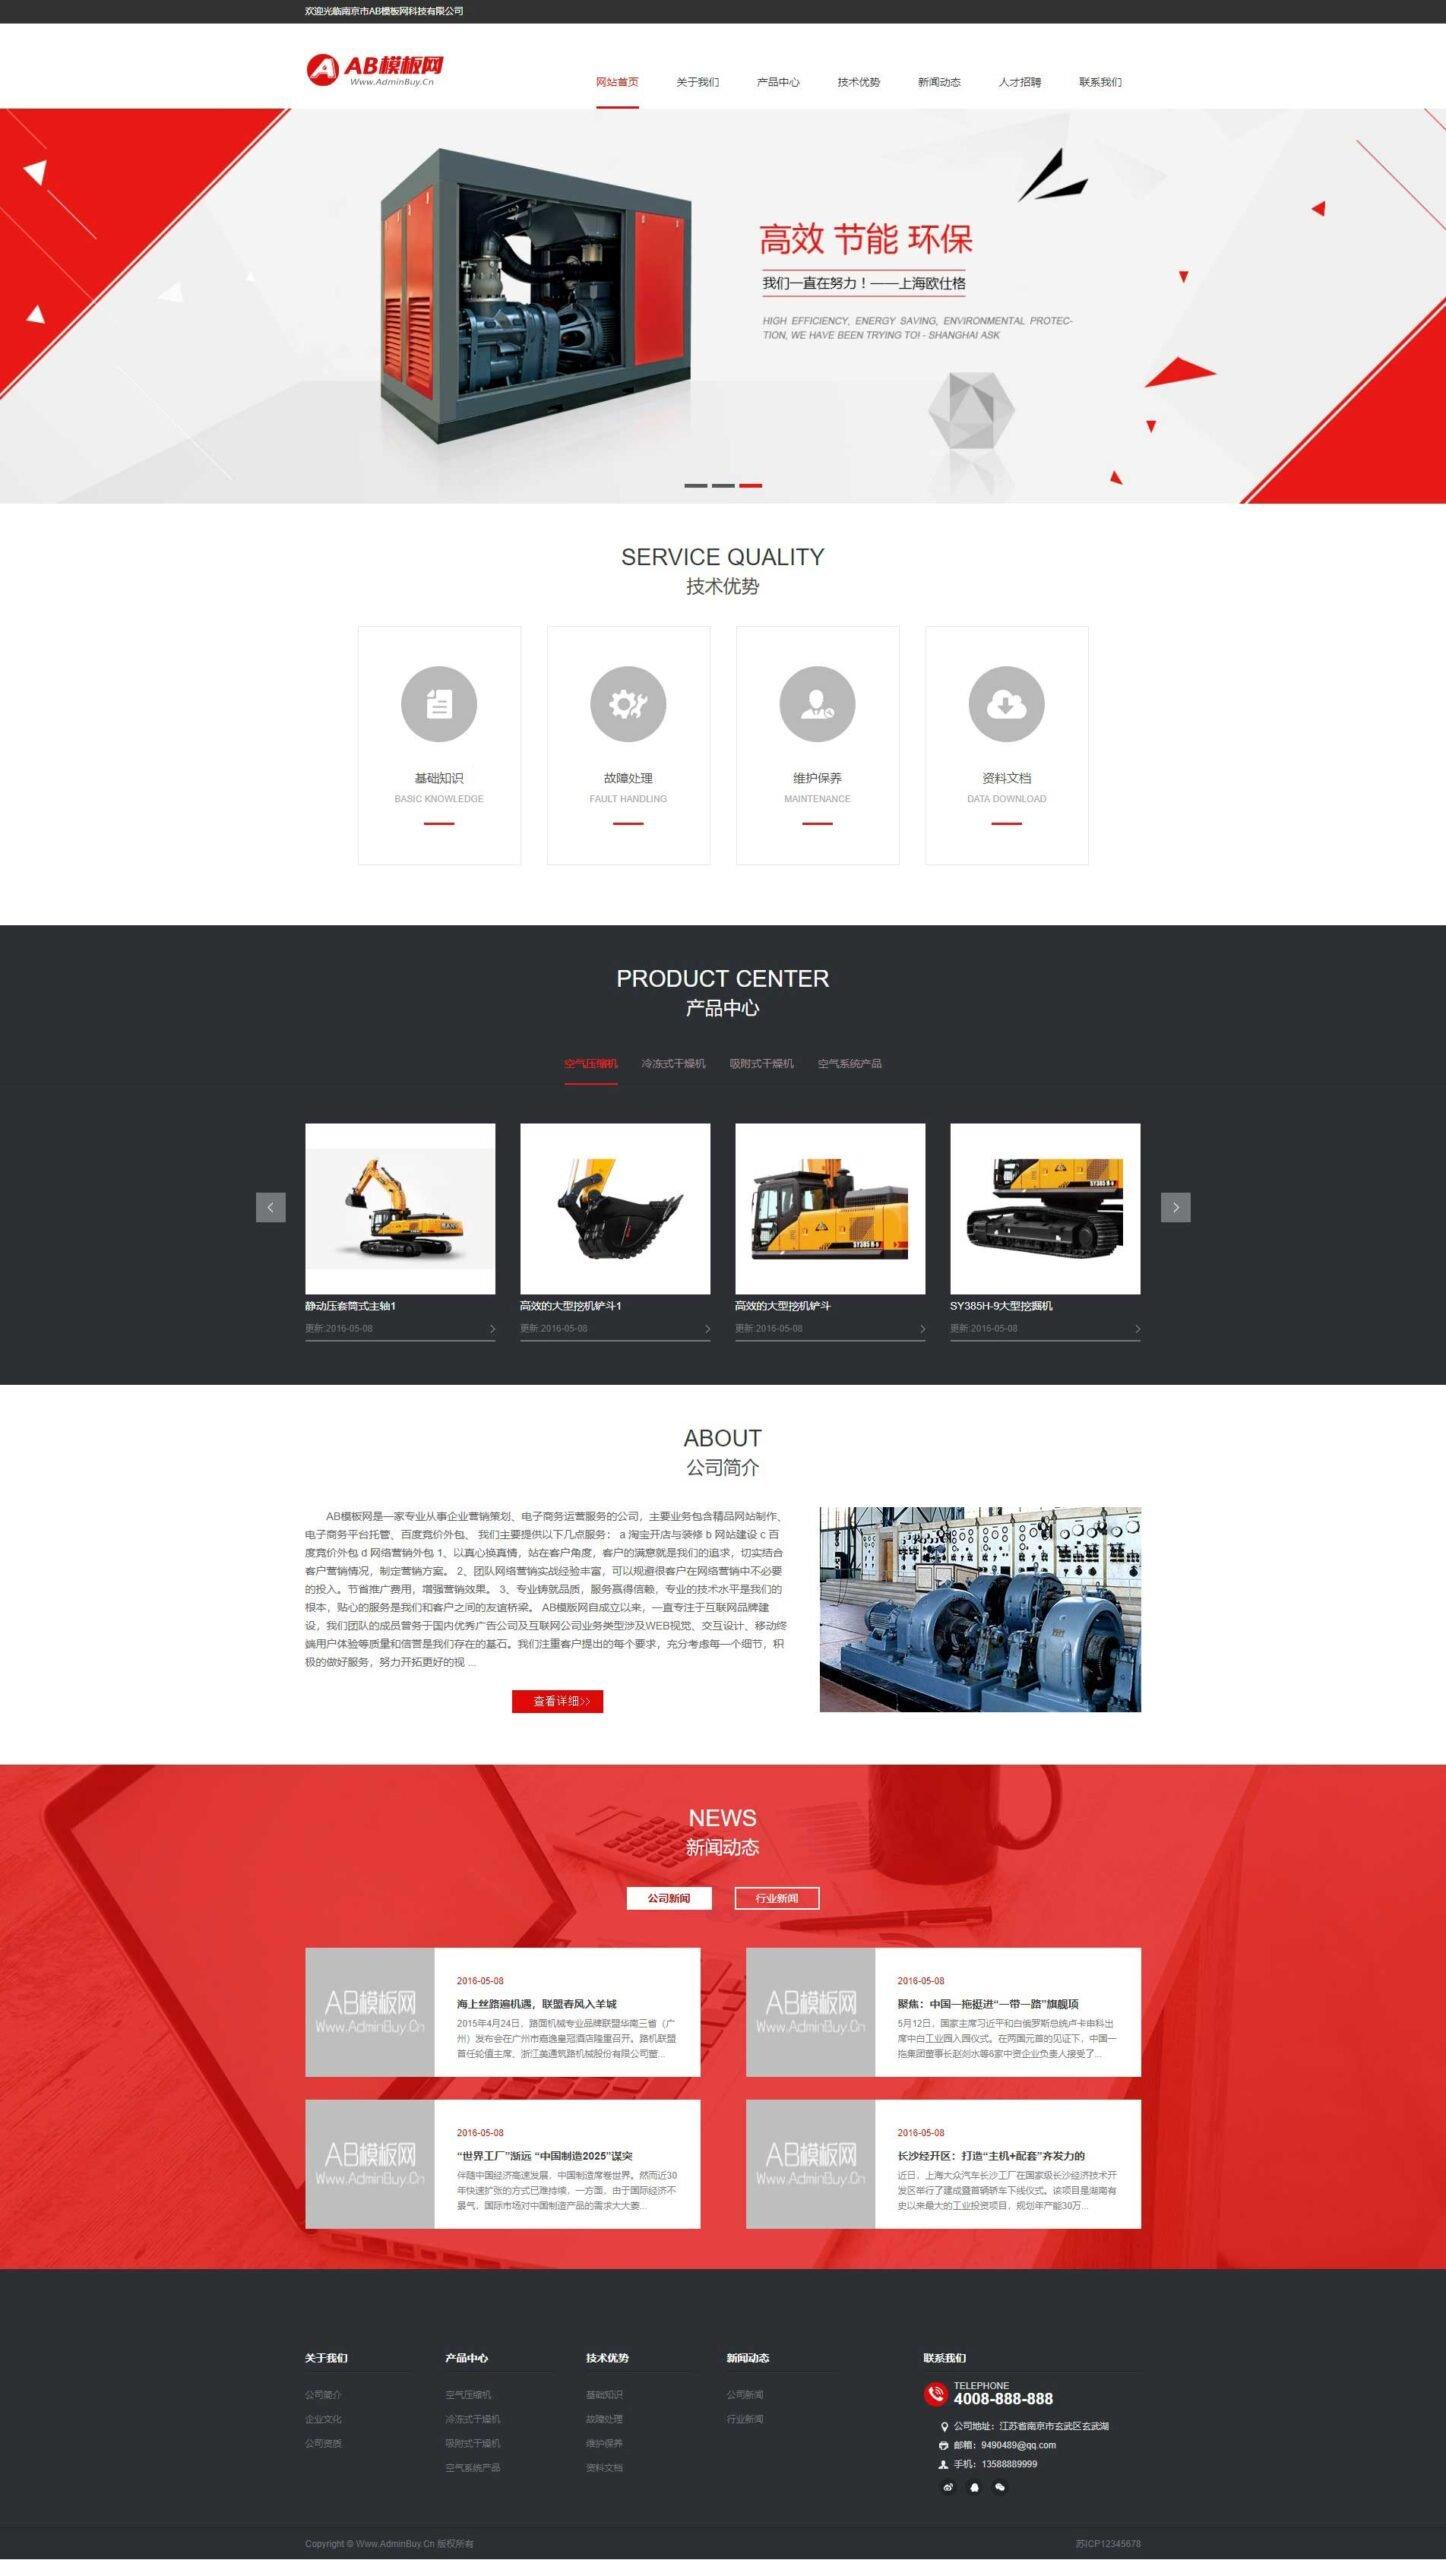 压缩机械设备企业网站织梦dede模板源码[自适应手机版]插图